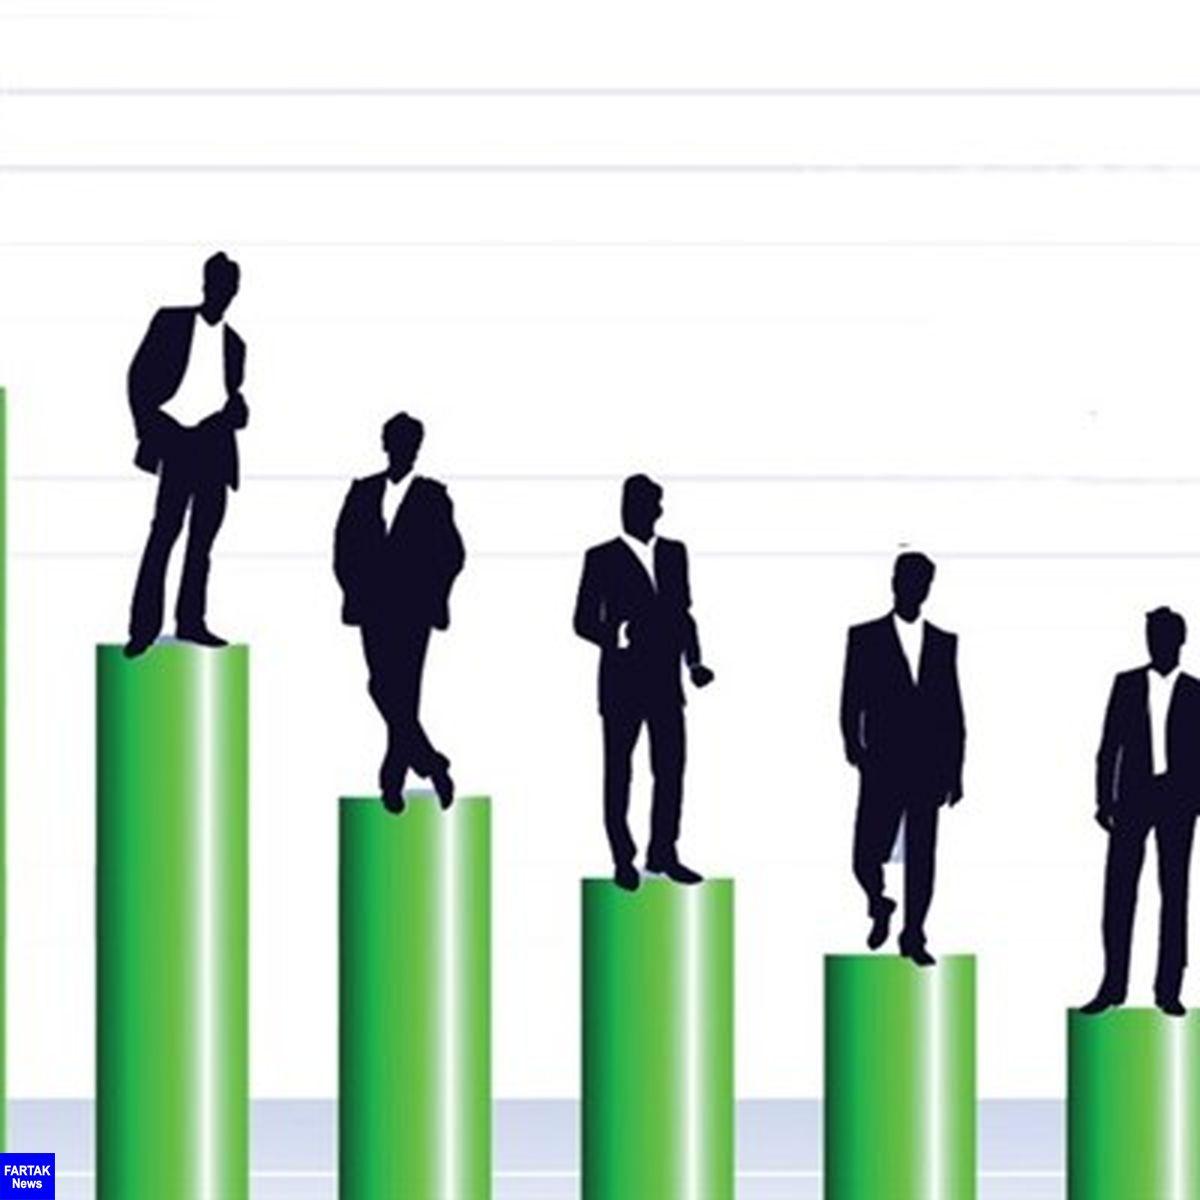 اعلام جزئیات ایجاد ۵۰۰ هزار فرصت شغلی در سال ۹۹